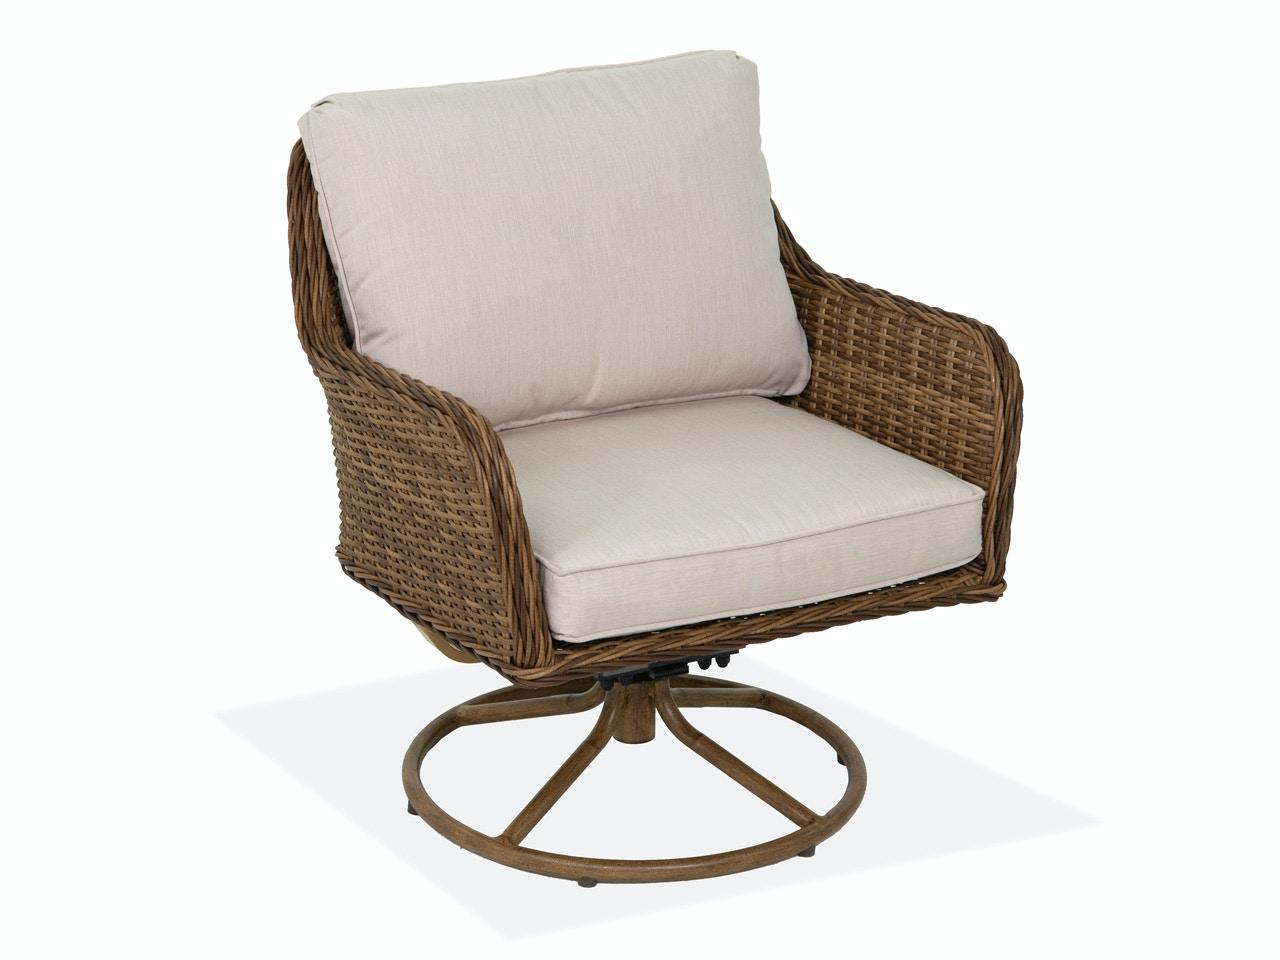 Roma Pecan Outdoor Wicker Swivel Rocker Club Chair 3519898